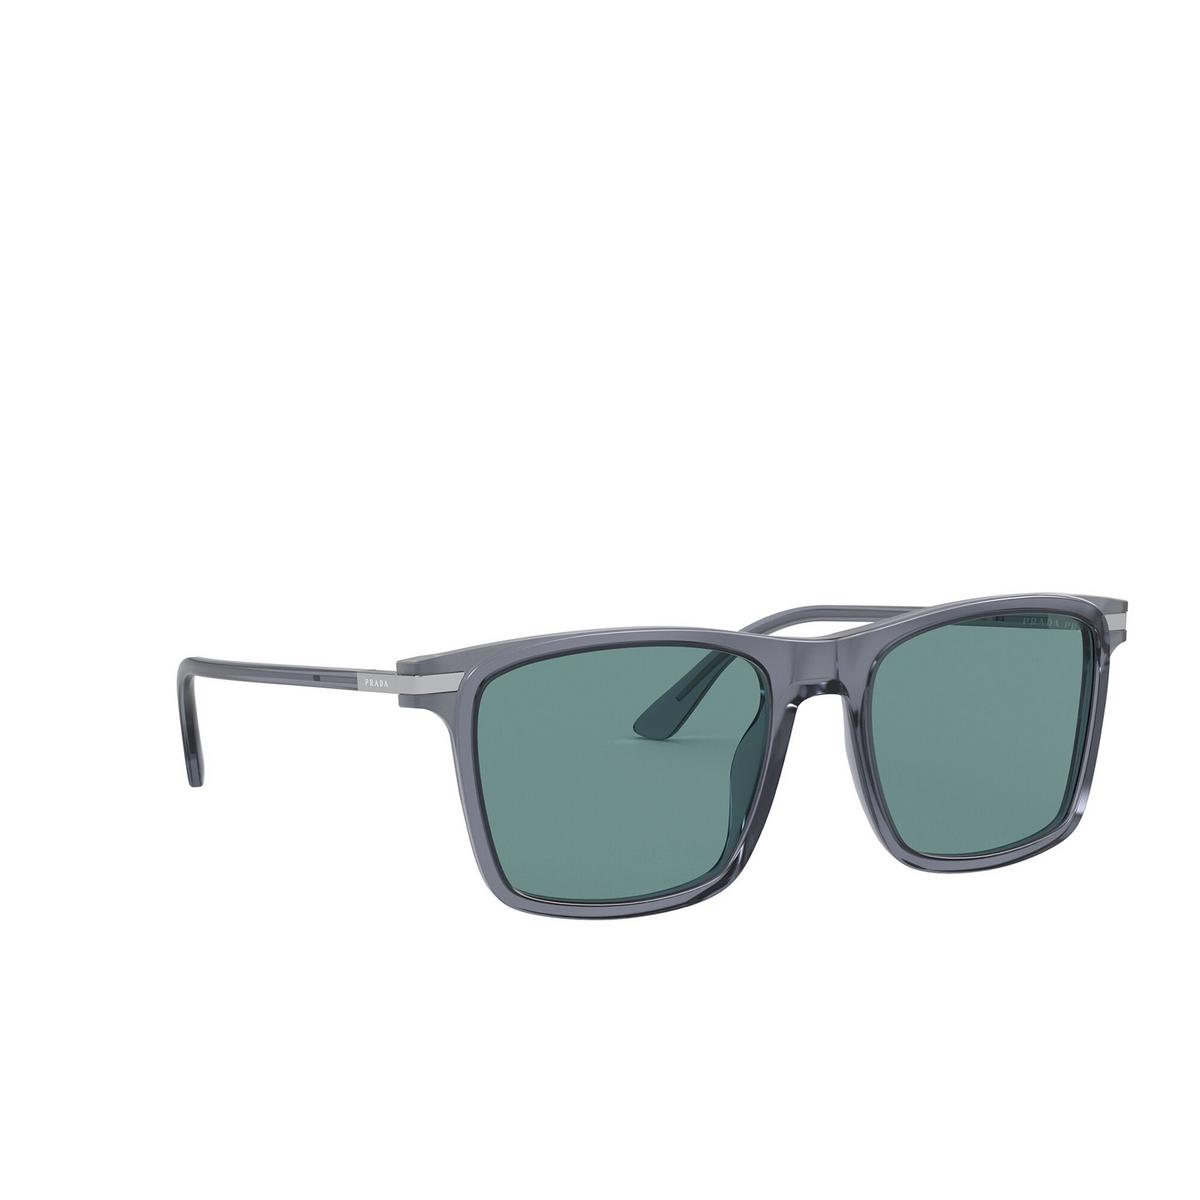 Prada® Square Sunglasses: PR 19XS color Grey 01G04D - three-quarters view.